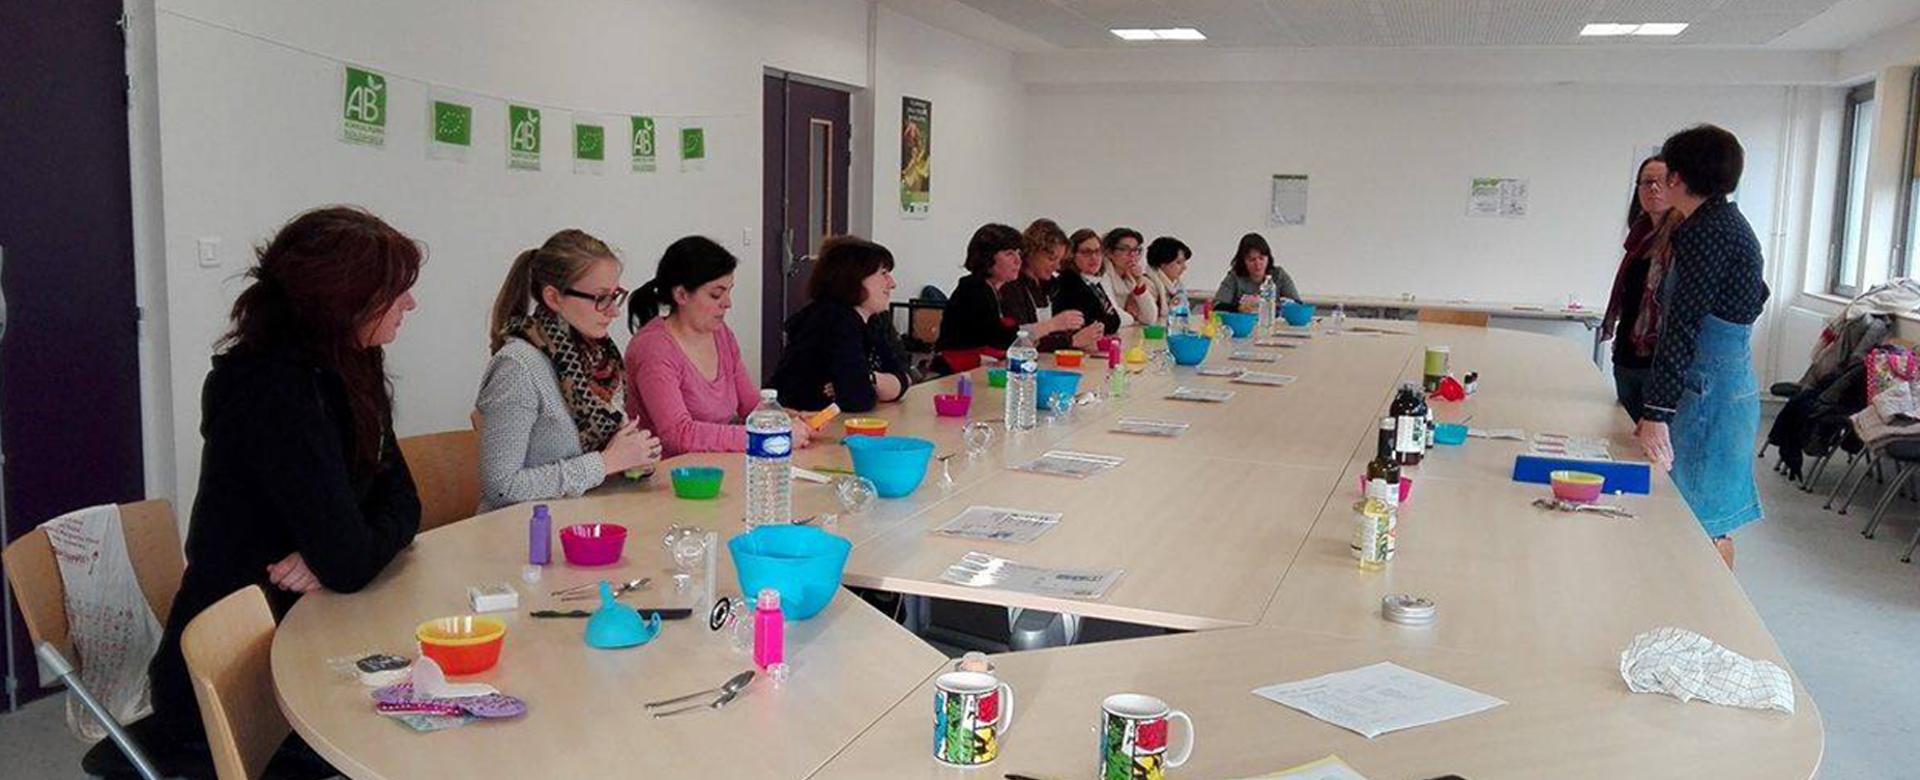 Des ateliers pédagogiques pour les habitants et les écoles